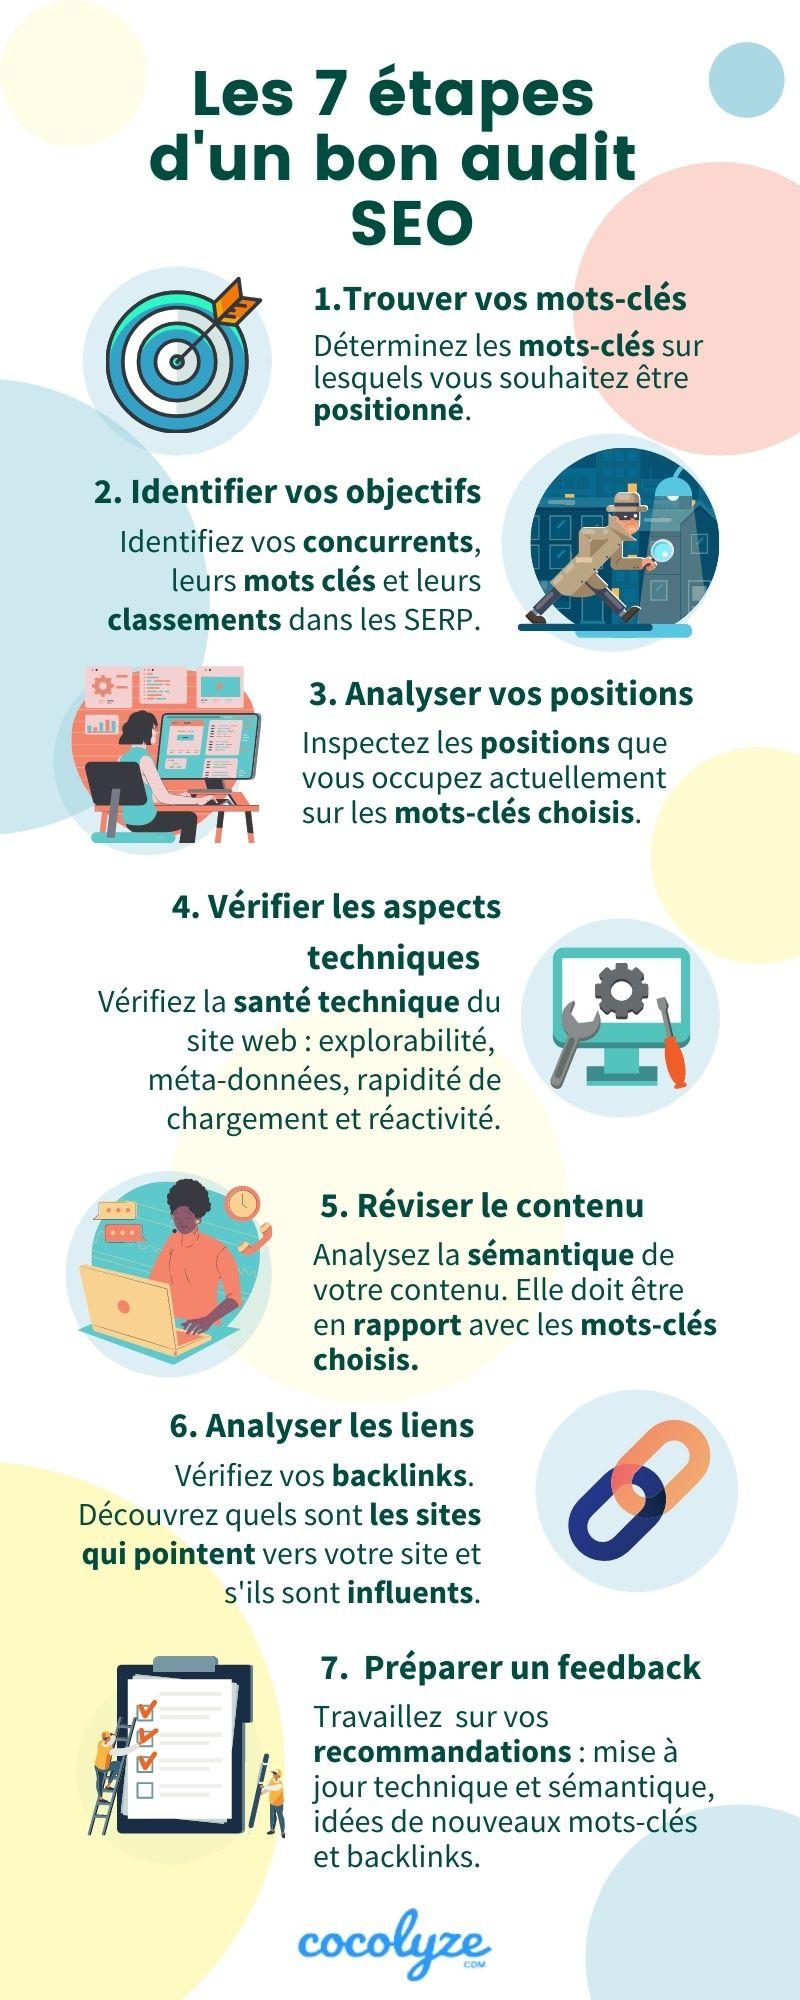 Les 7 étapes d'un bon audit SEO